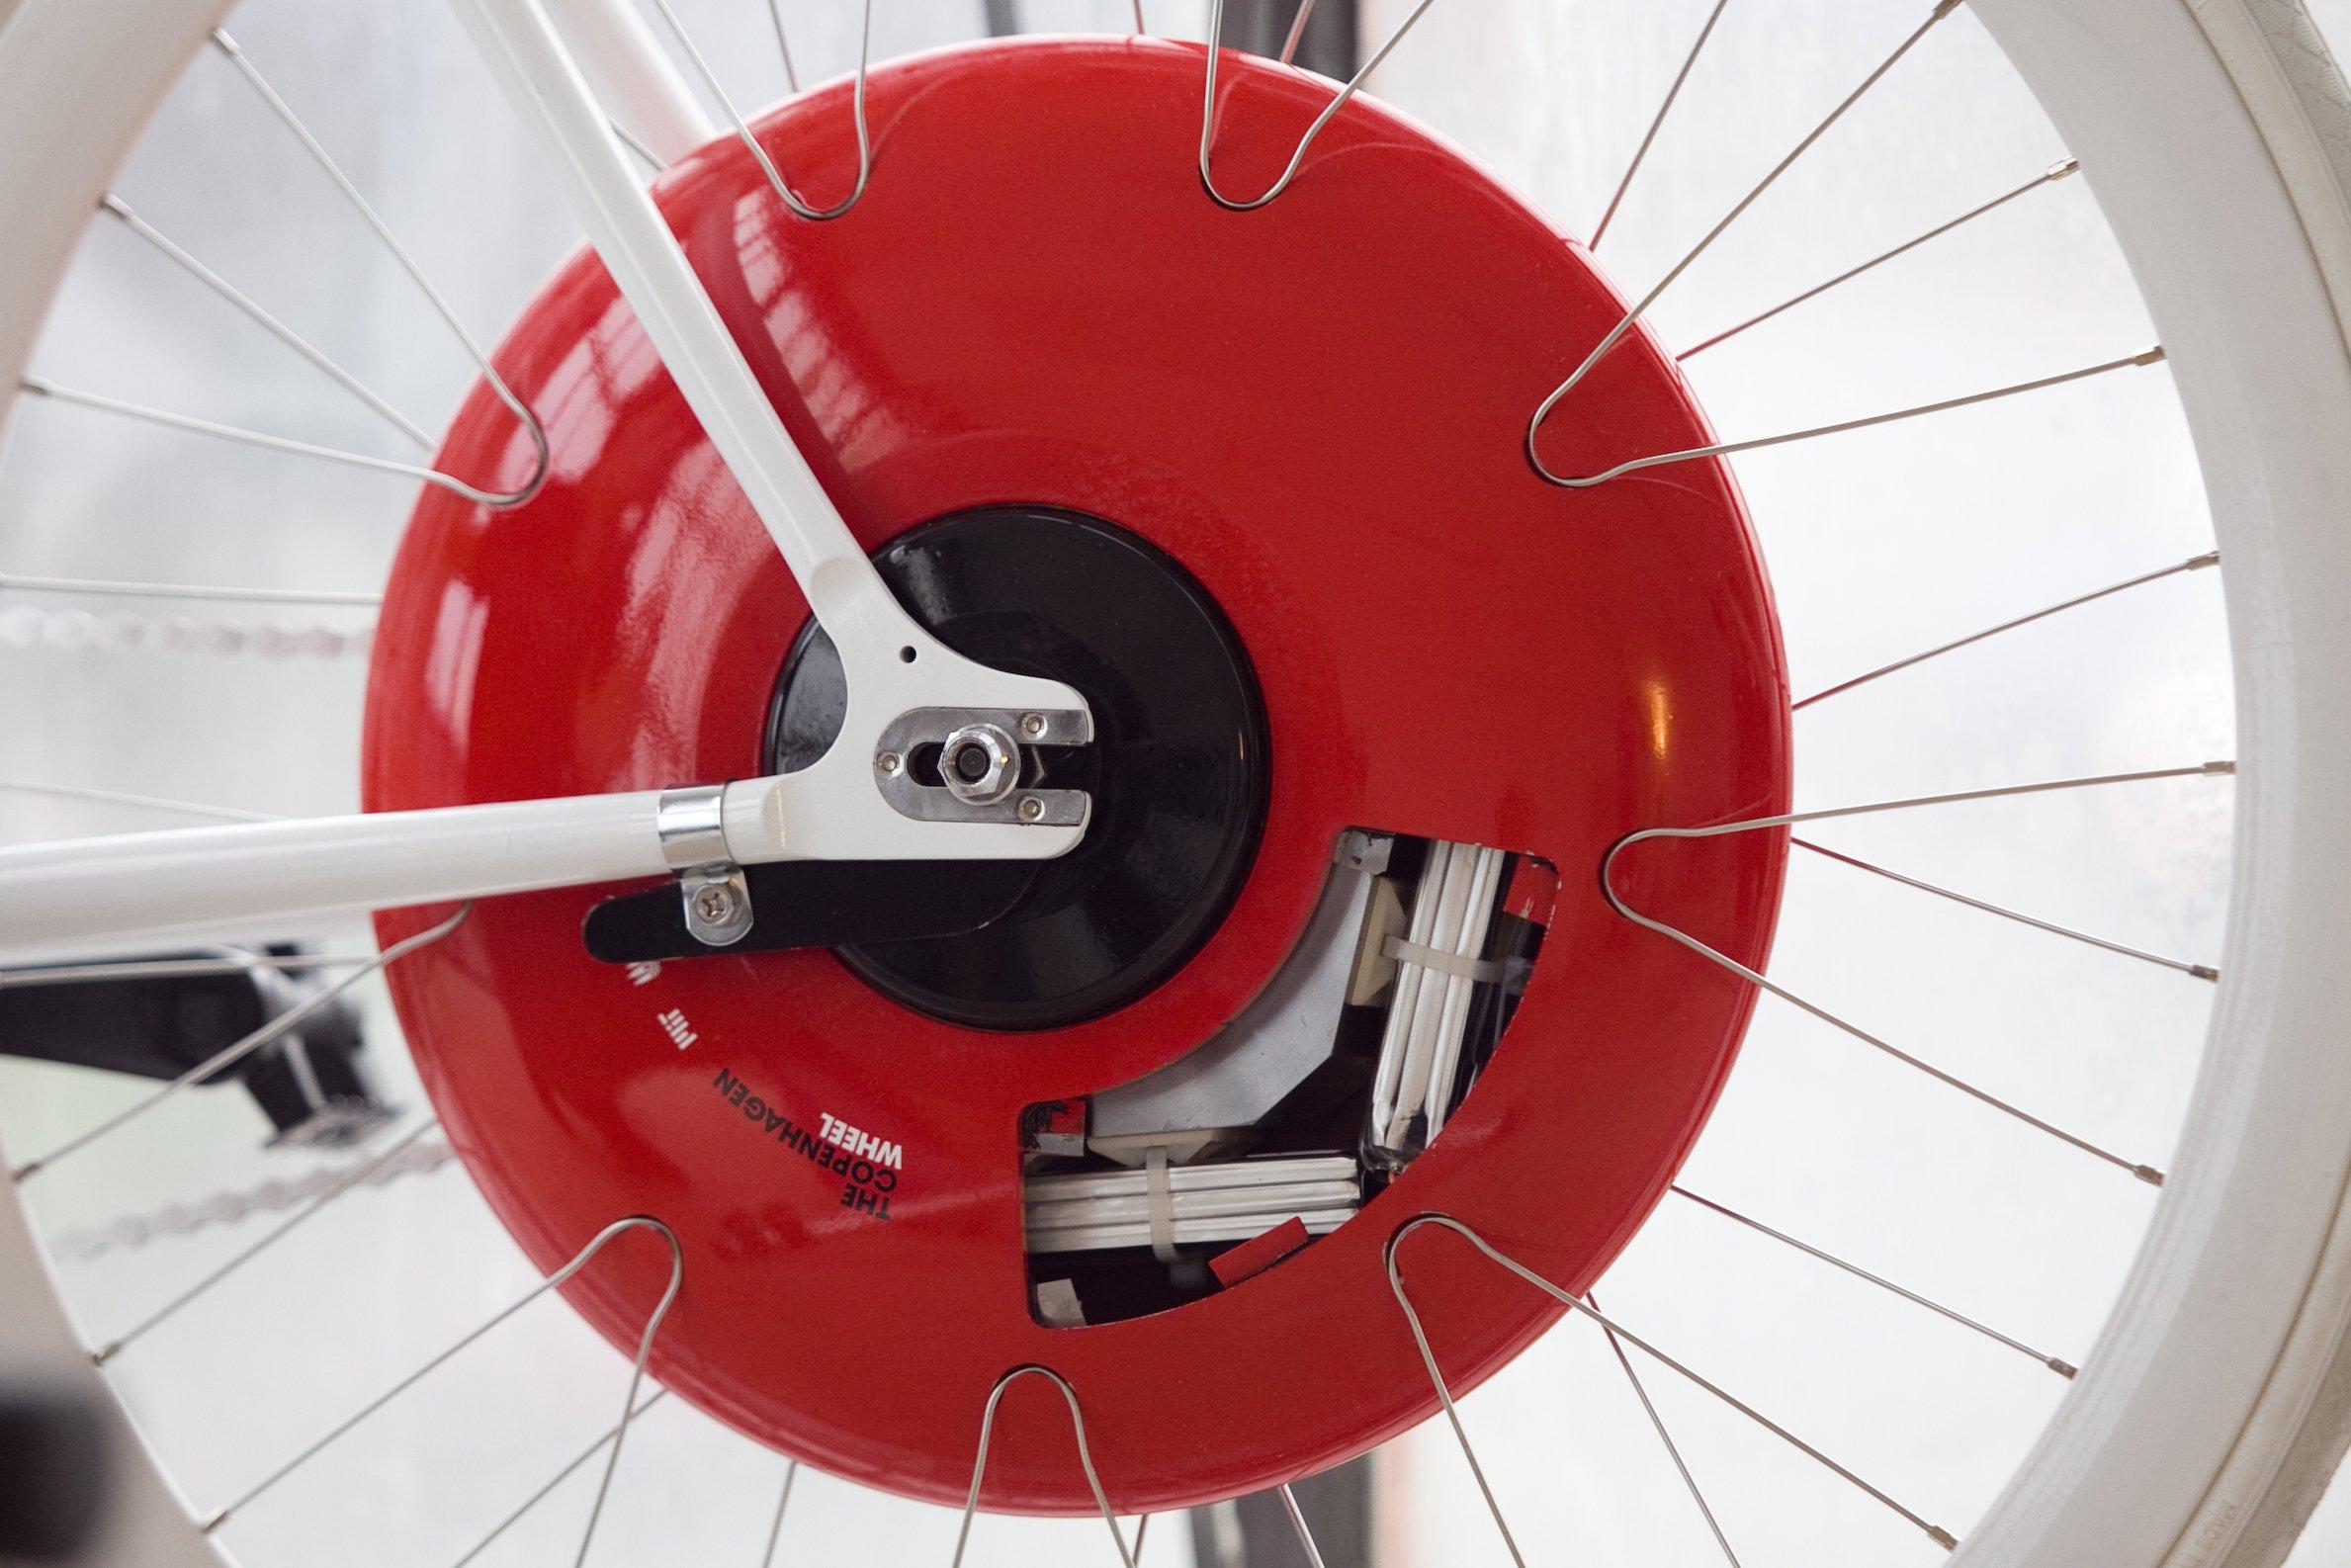 Detailansicht des Copenhagen Wheel: Der Antrieb wird über eine Smartphone-App gesteuert. Wie in der Formel 1 durch KERS kann der Antrieb Bremsenergie zurückgewinnen und speichern.